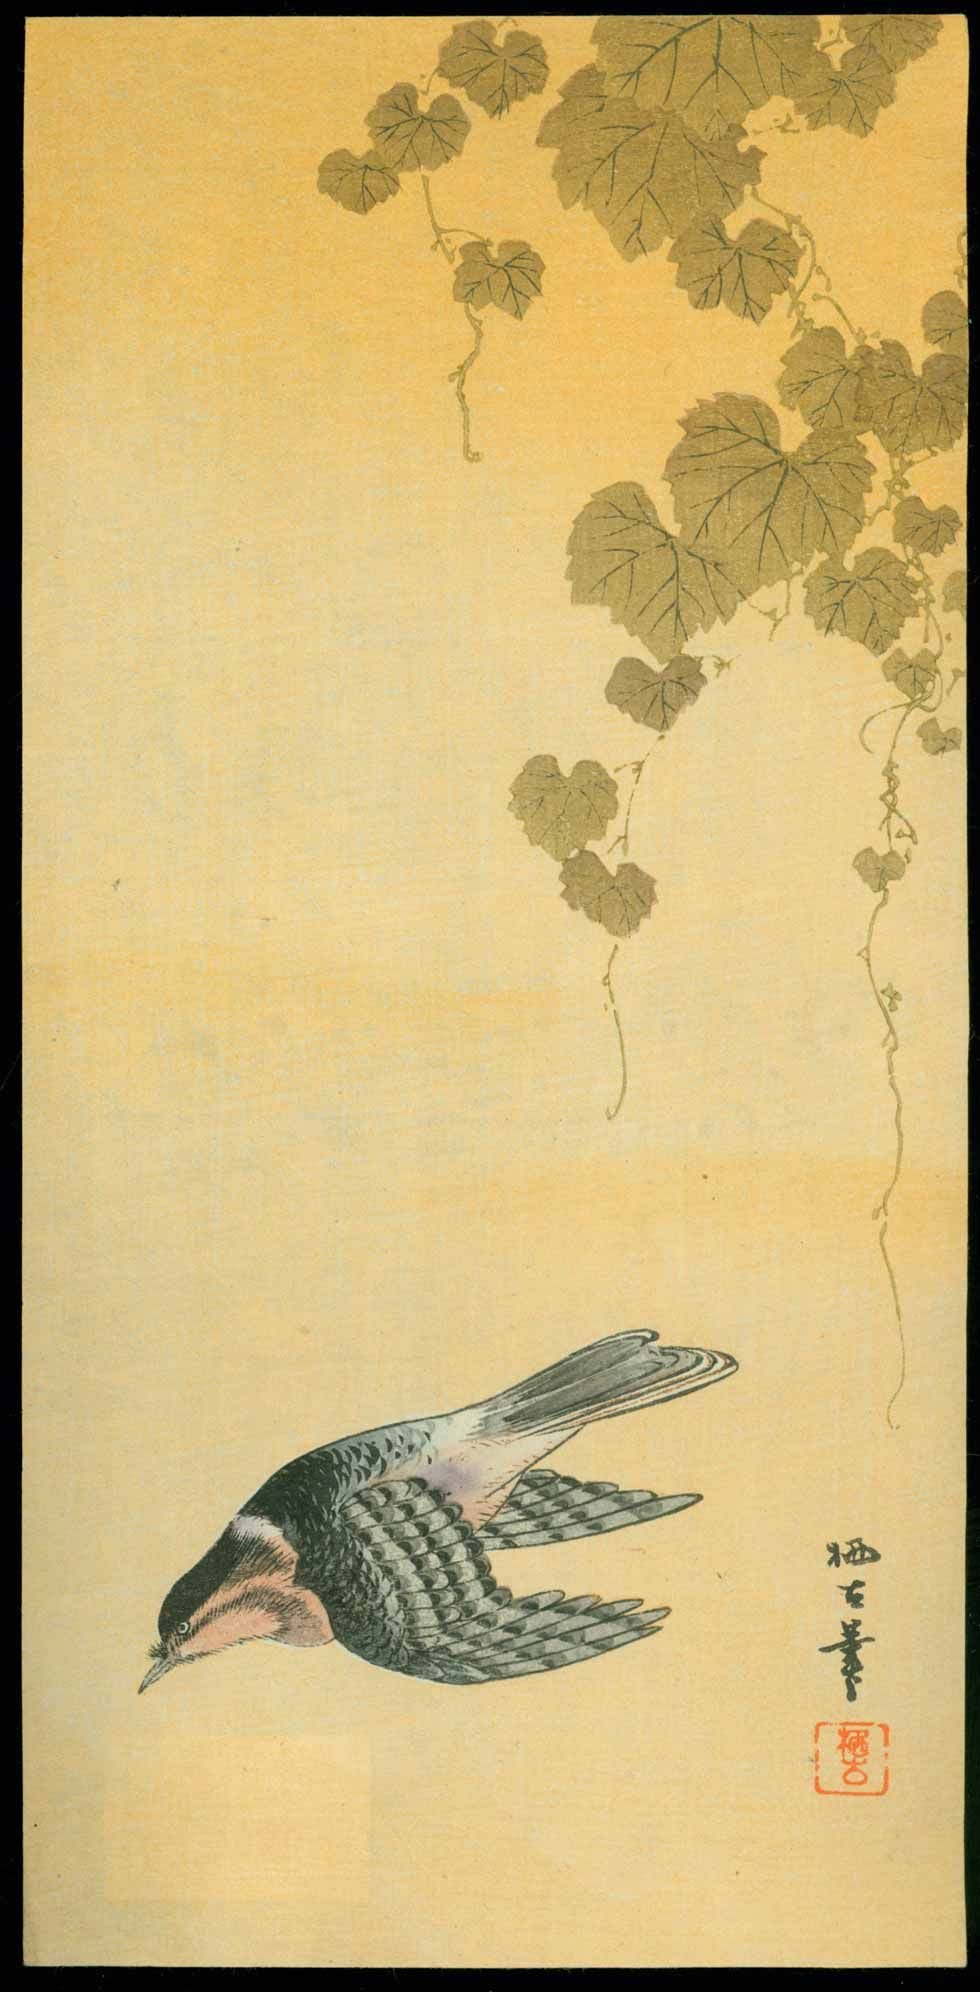 Oiseau En Vol Estampe Japonaise Art Japonais Les Arts Art